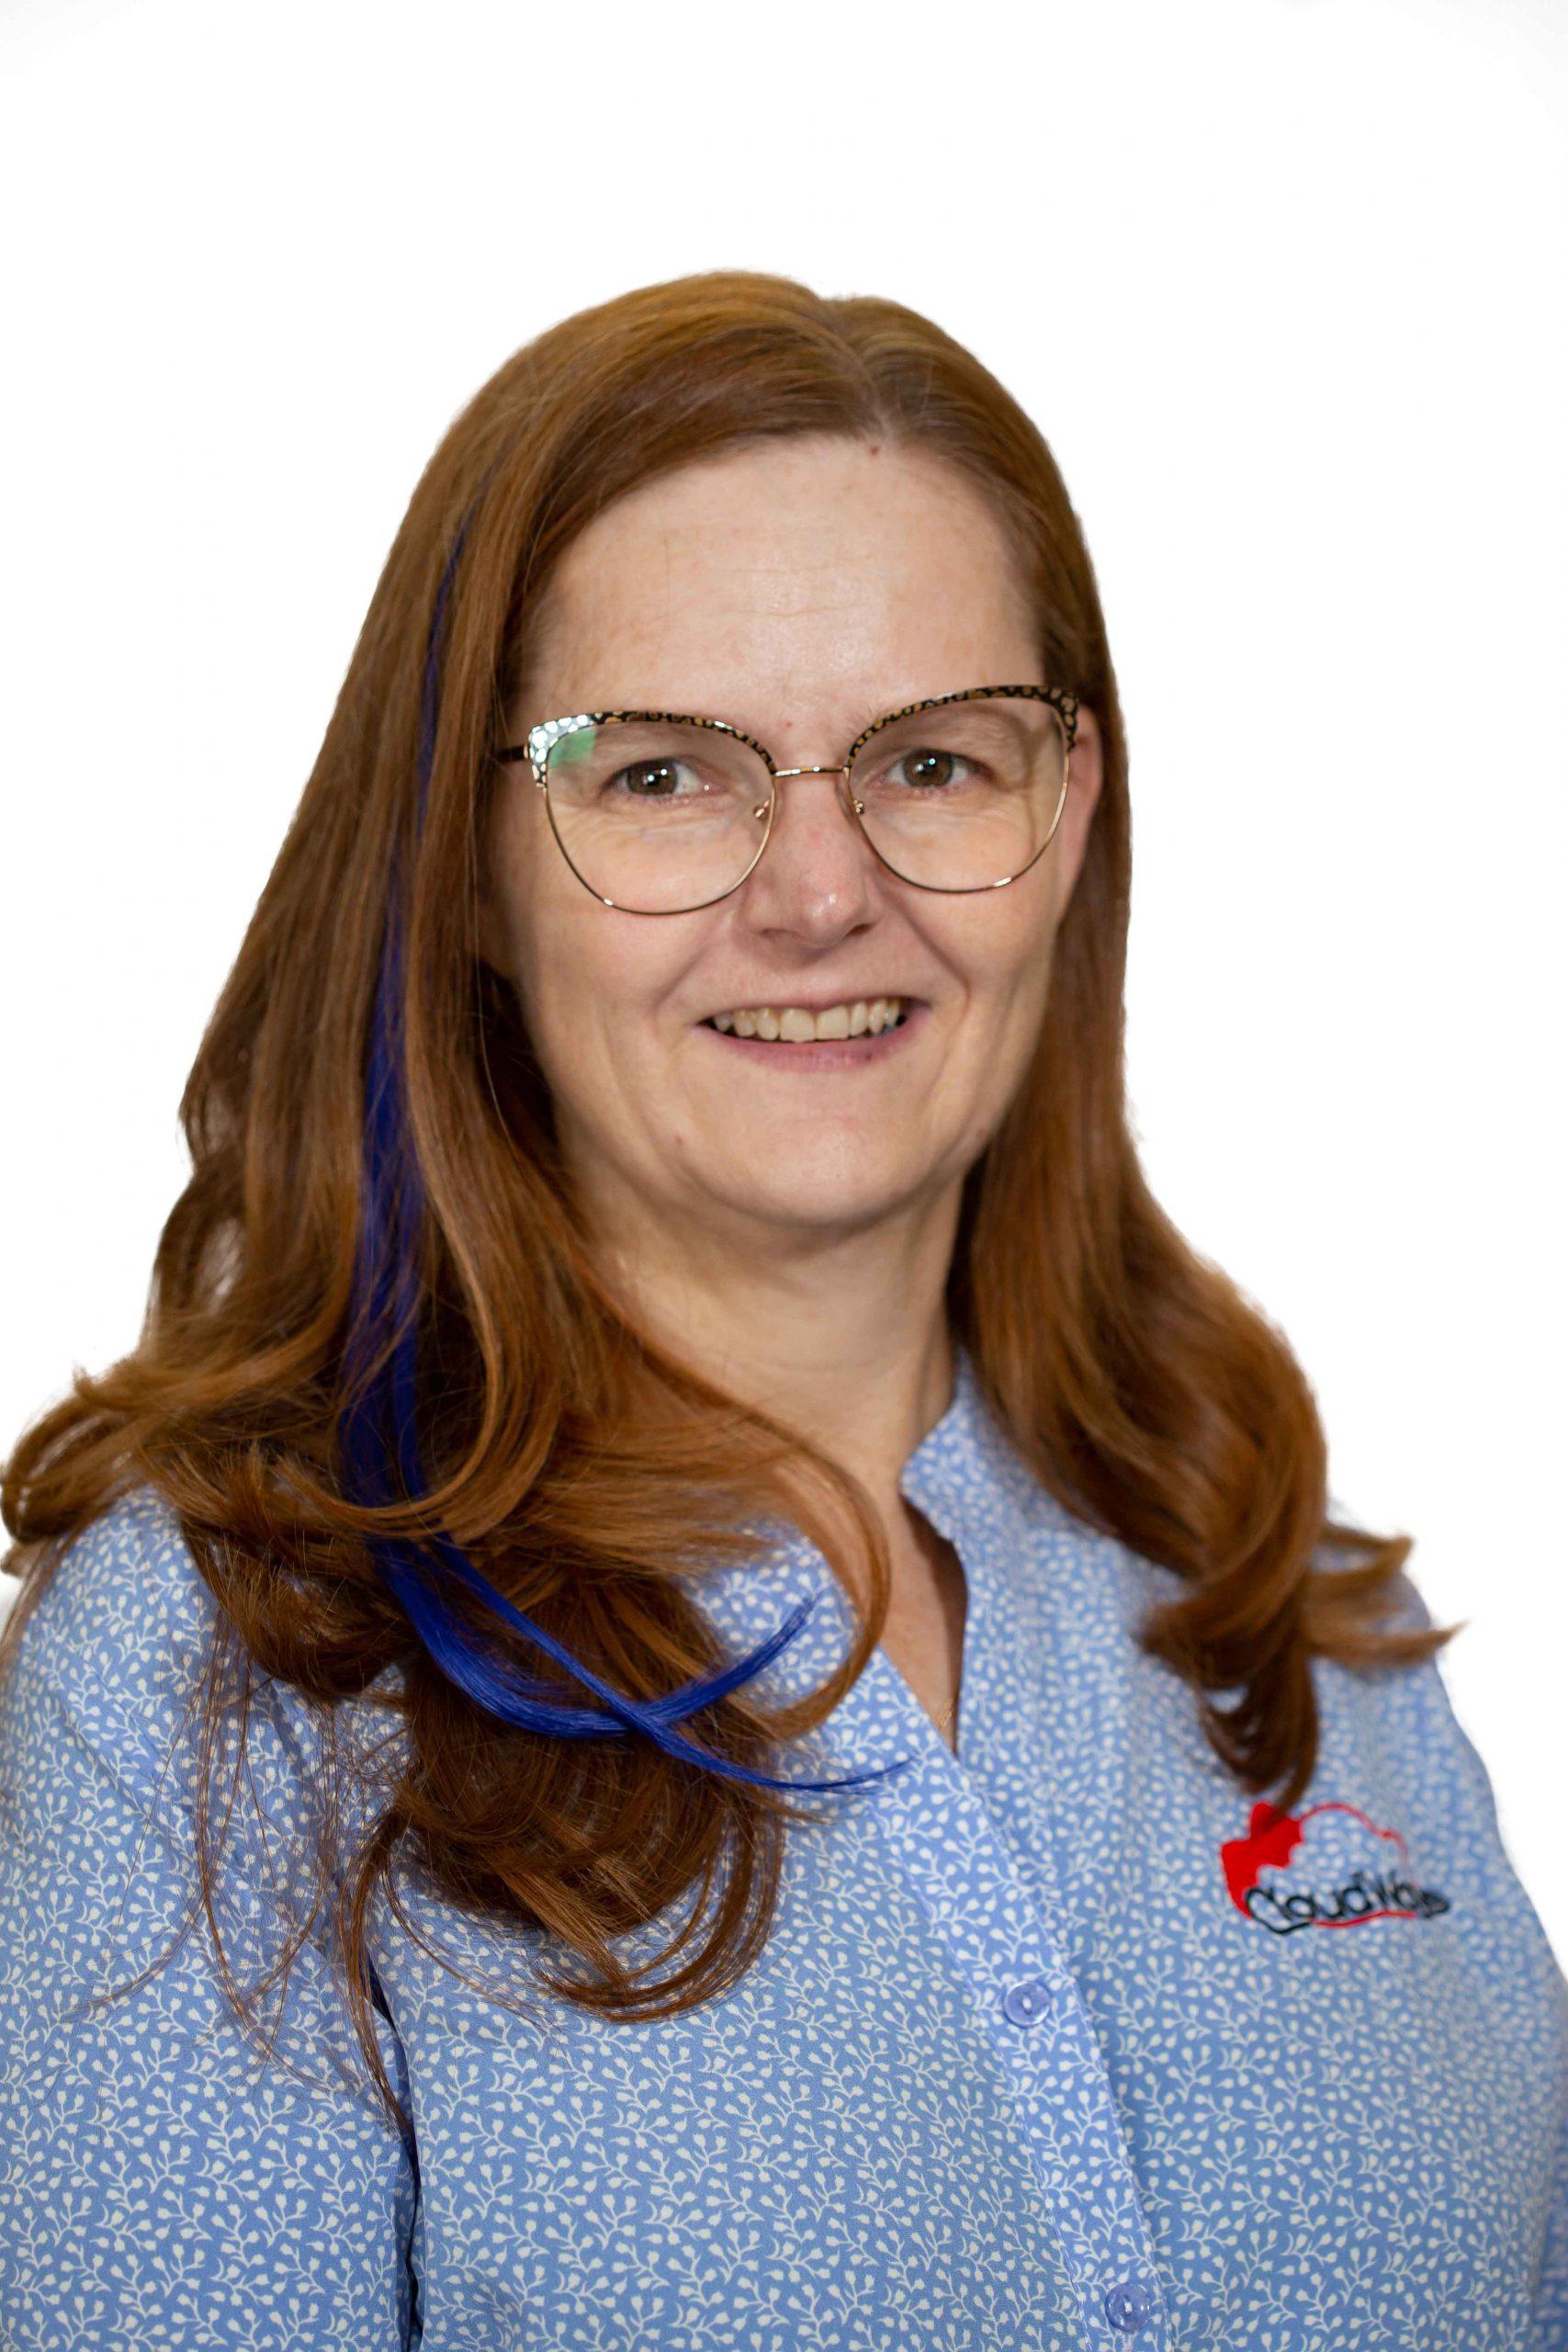 Samantha Hattingh